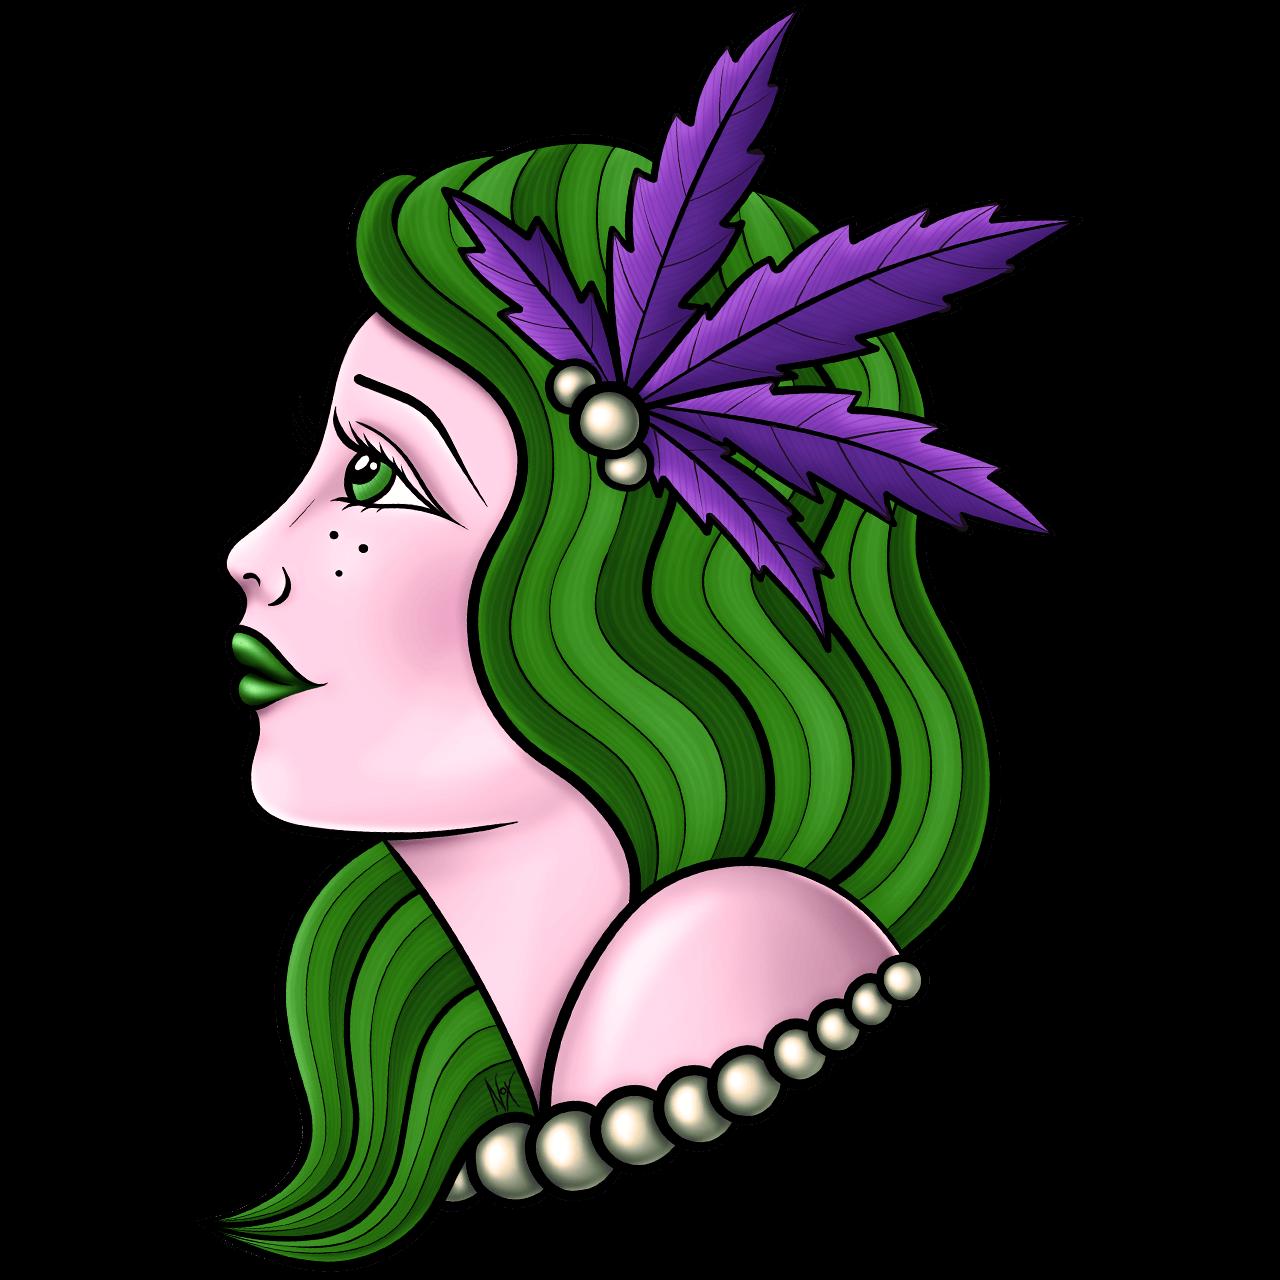 la verde illustrazione